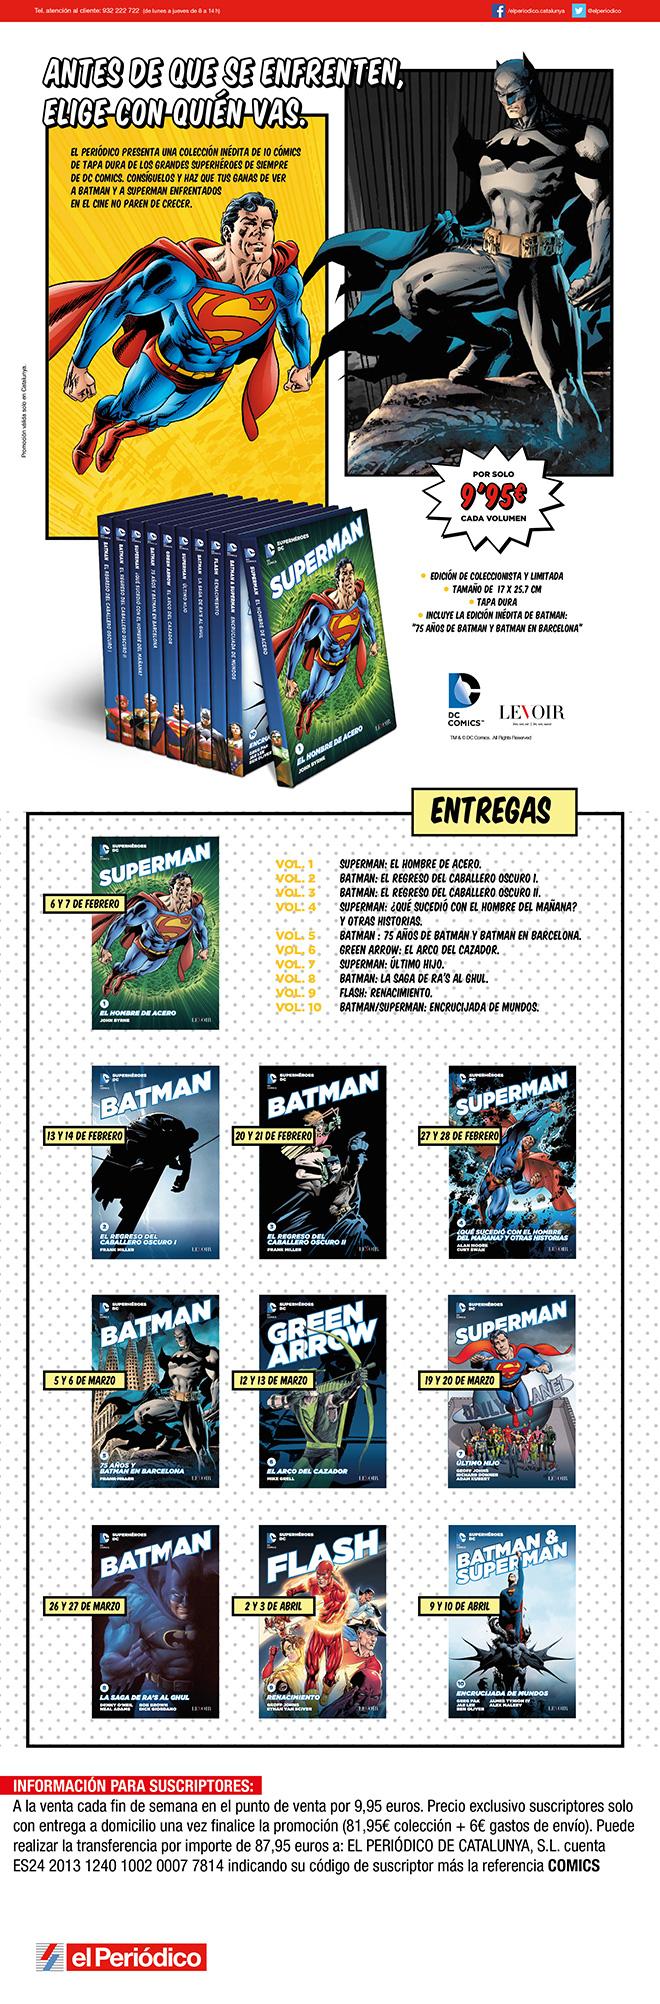 'El Periódico' lanza una colección de tomos de DC Comics